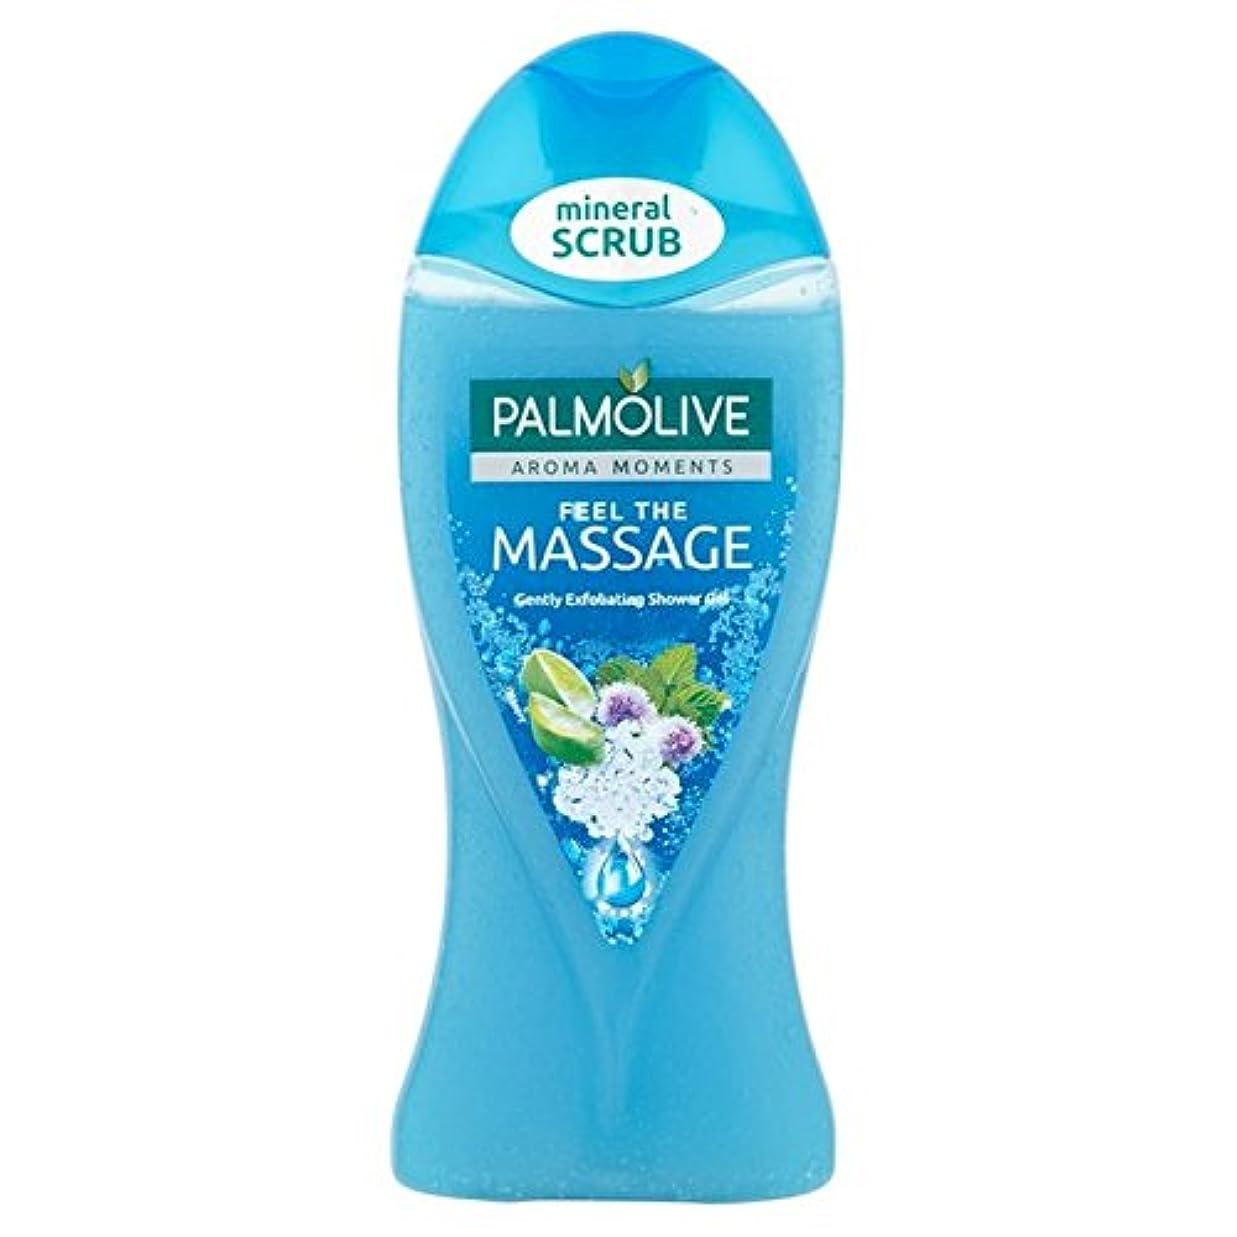 緯度マンハッタン写真のパルモシャワージェルマッサージ250ミリリットル x4 - Palmolive Shower Gel Massage 250ml (Pack of 4) [並行輸入品]